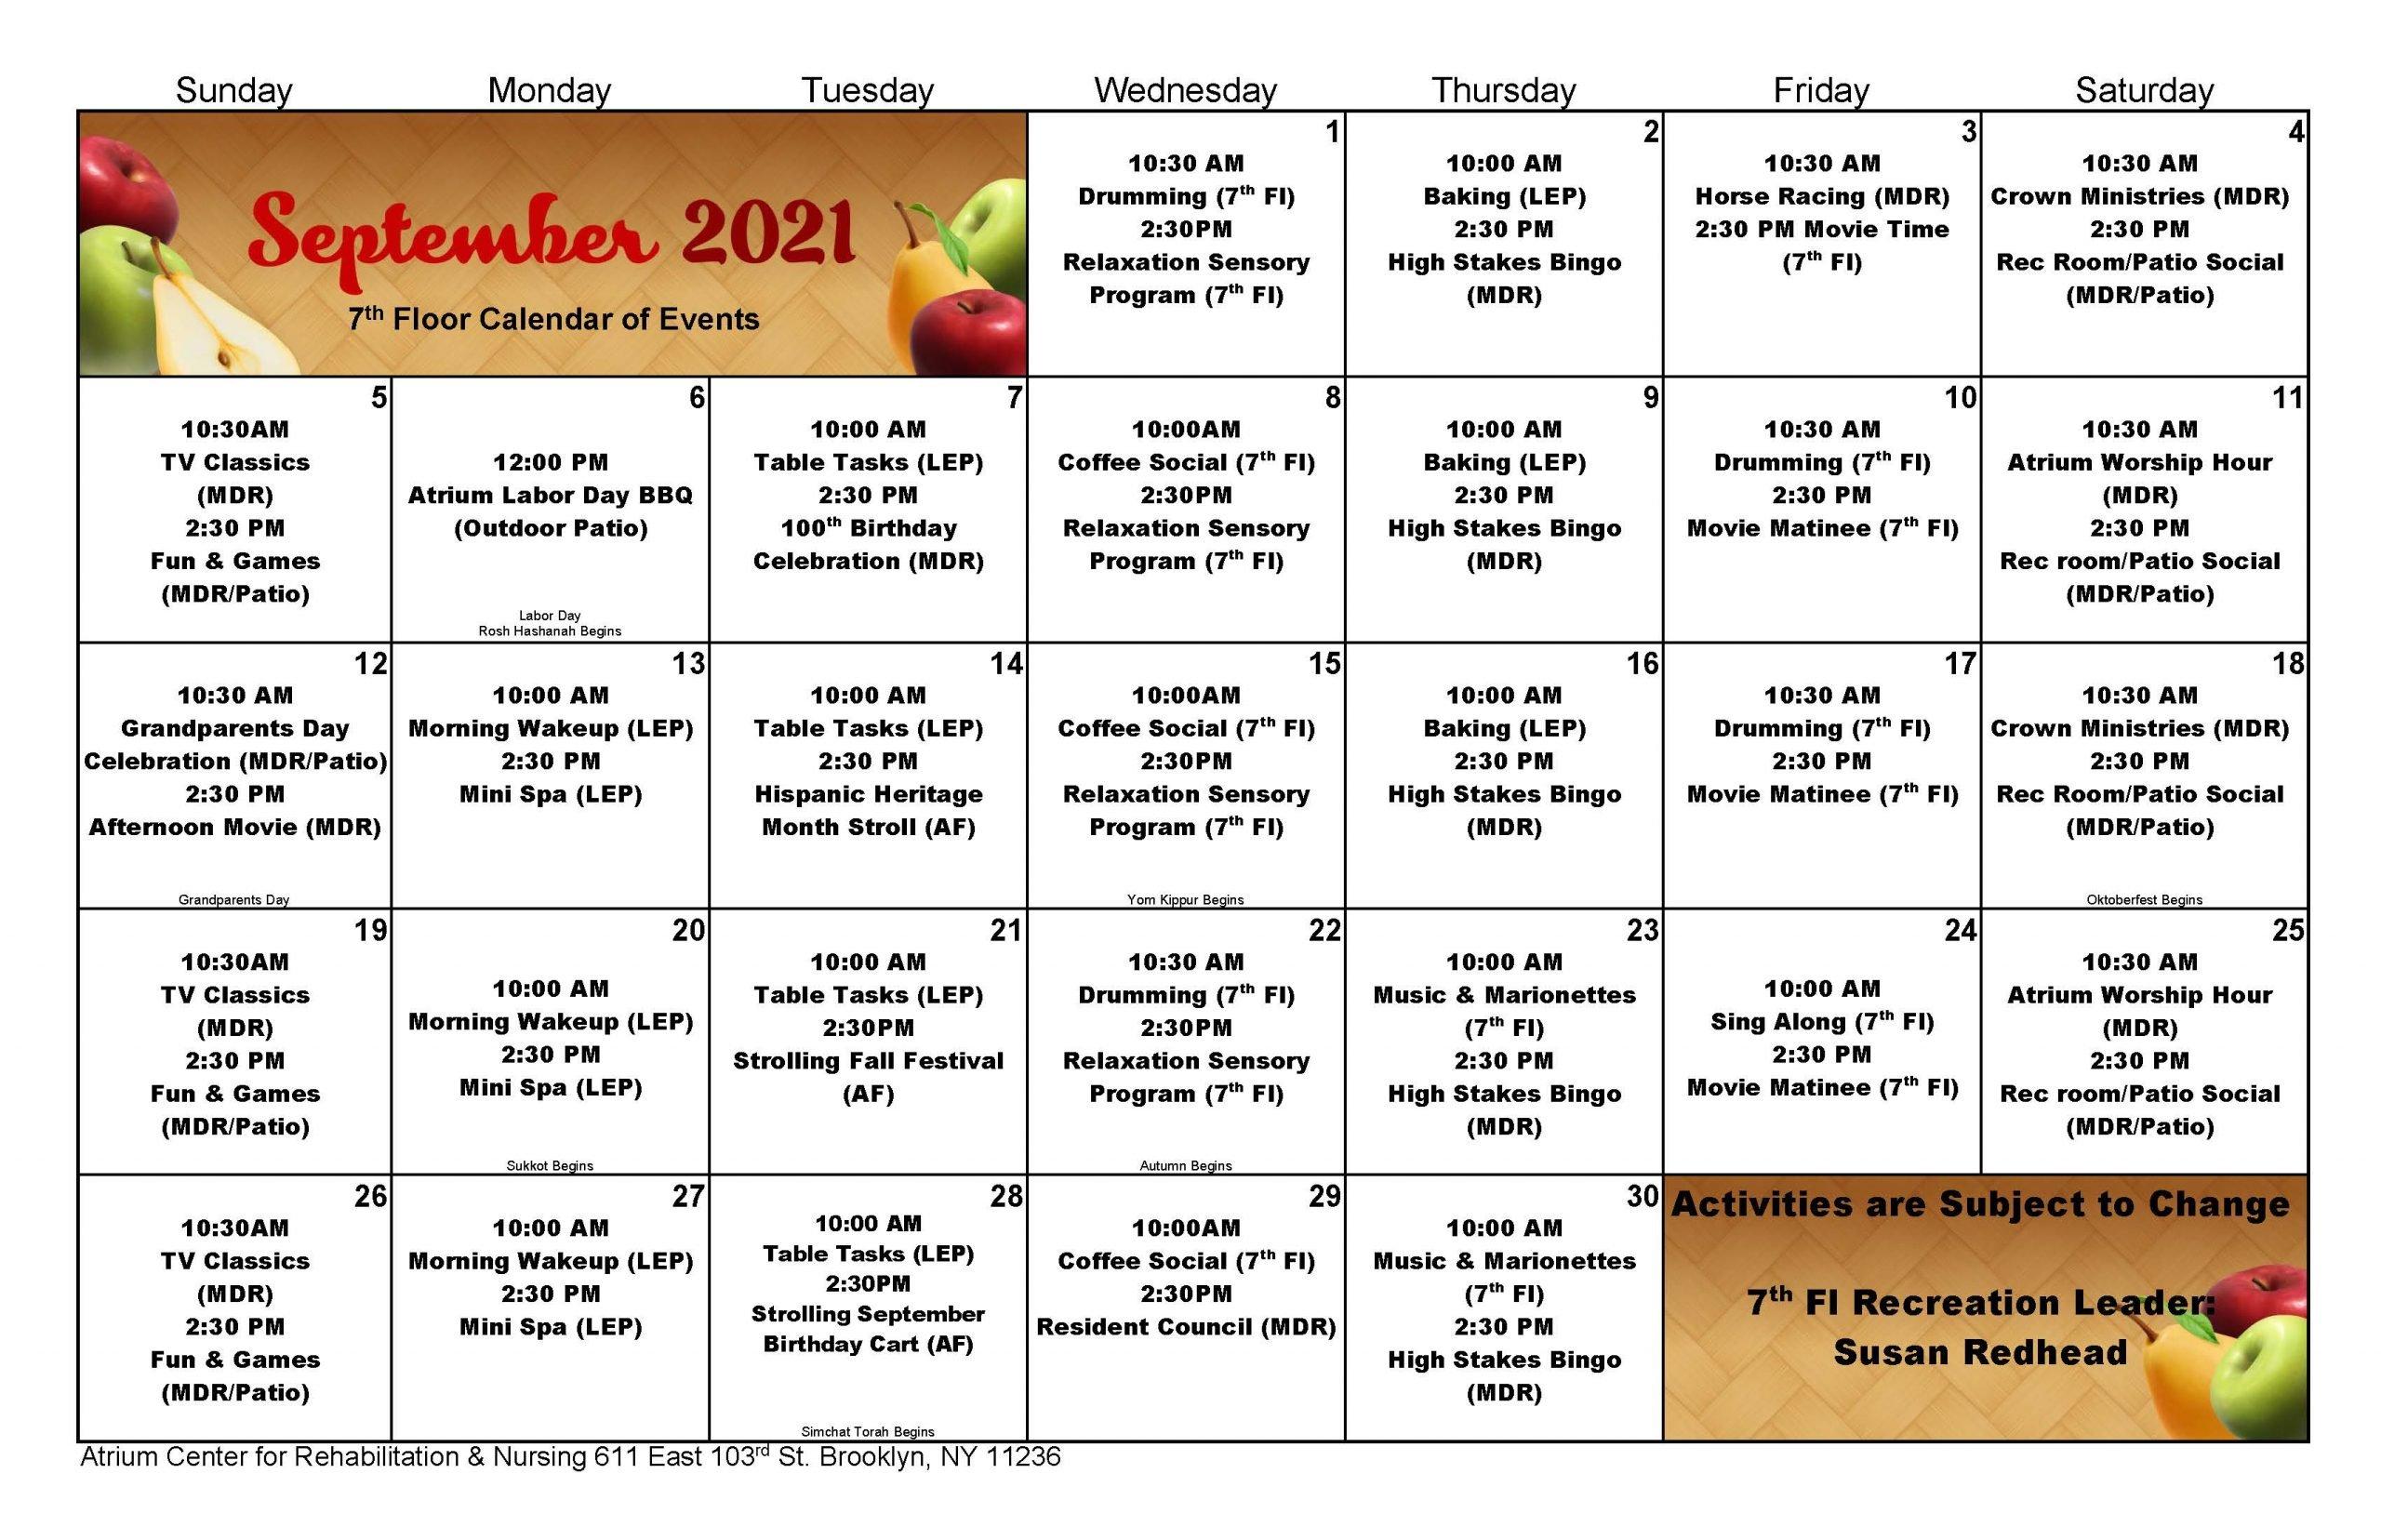 Atrium 7th Floor September 2021 Event Calendar